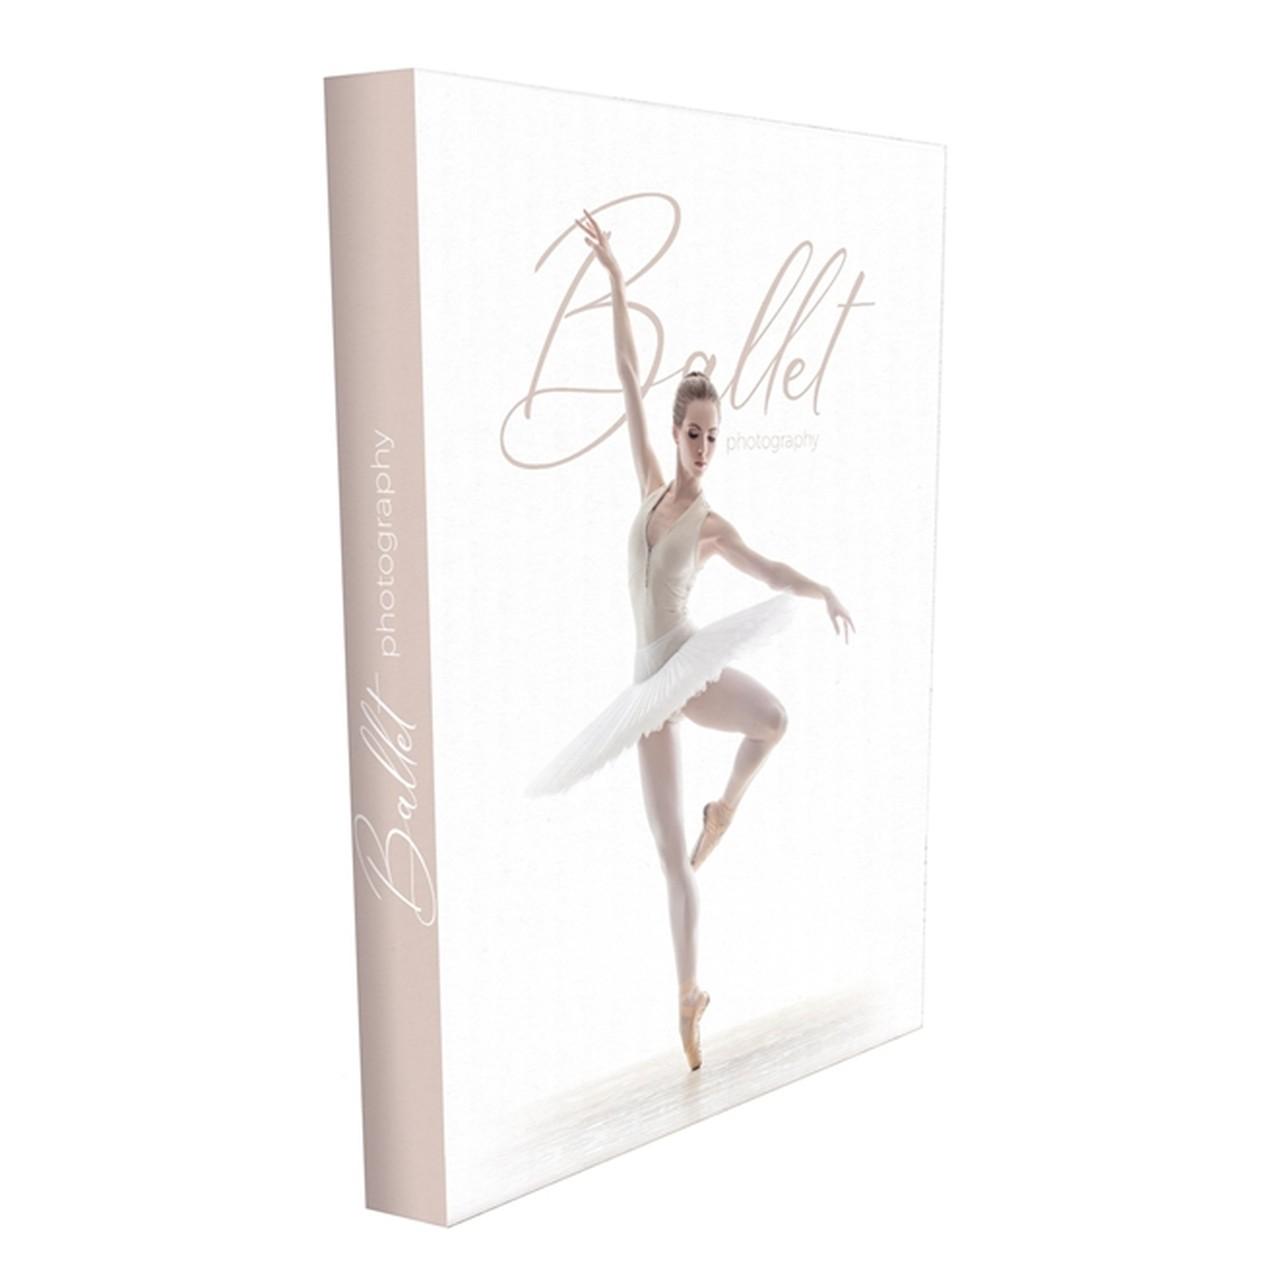 Caixa Livro Ballet Photografy